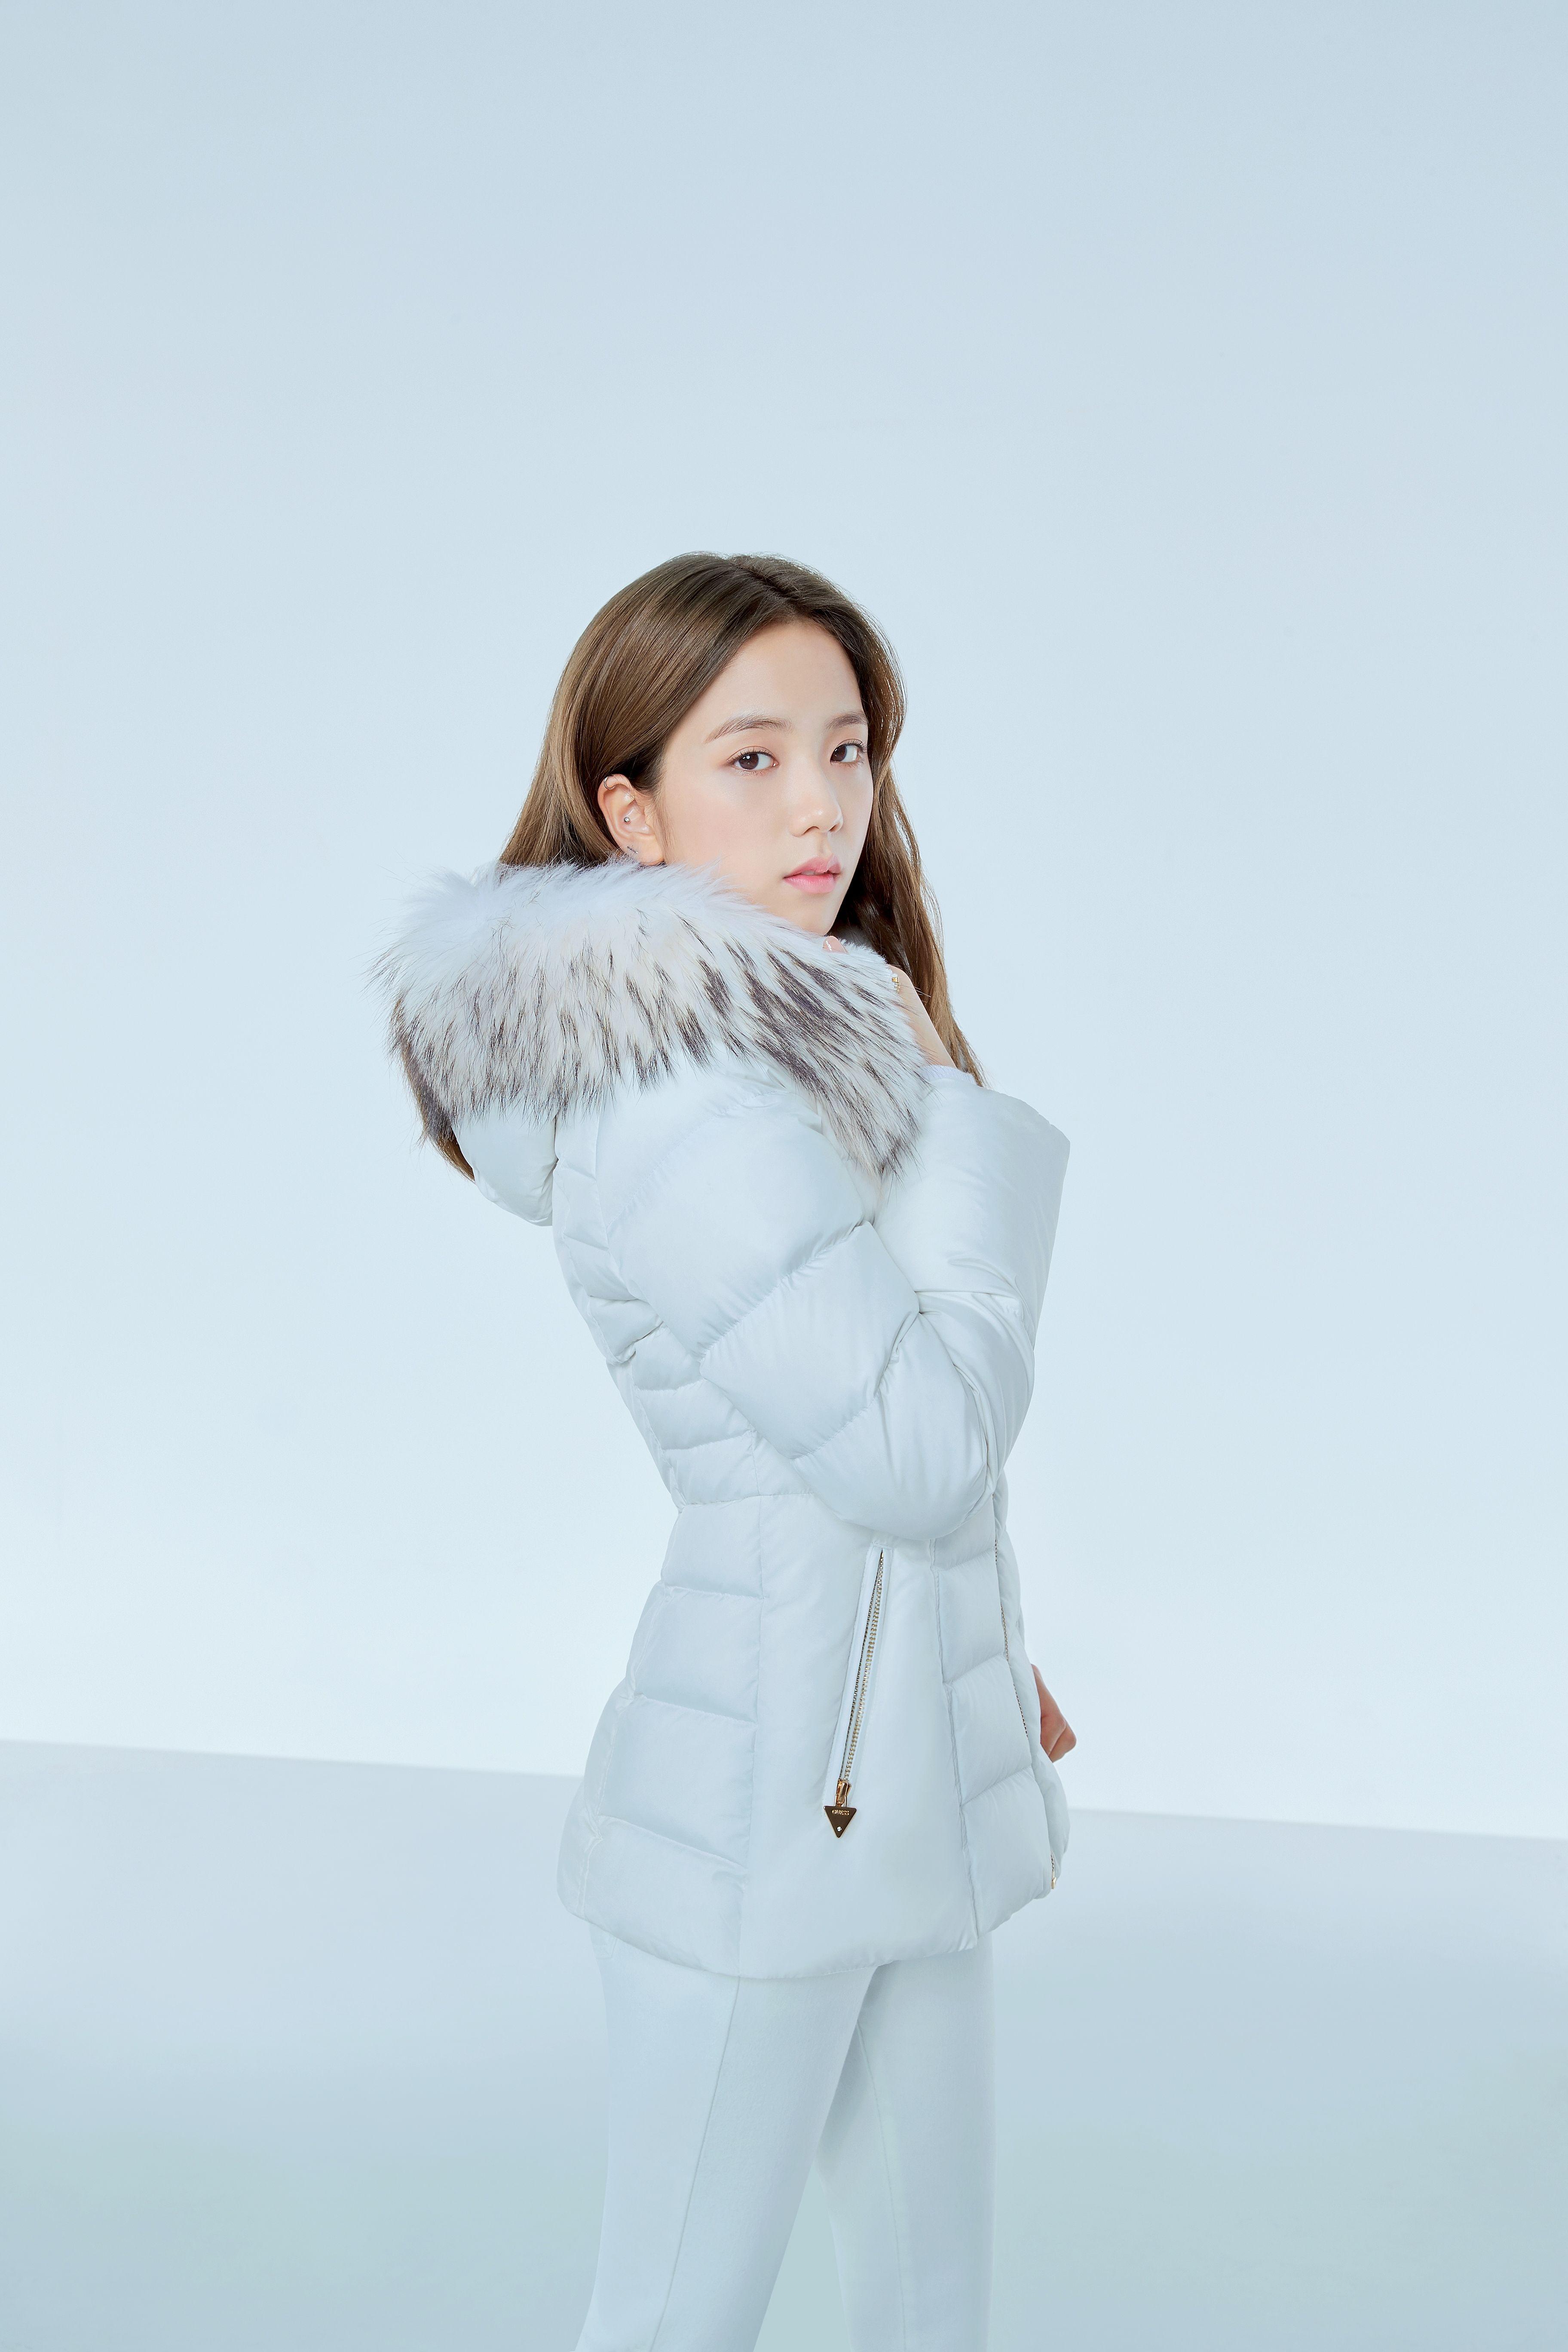 블랙핑크 게스 2018 겨울 아우터 화보 고화질 > 연예/화보 | 꿀재미 ...